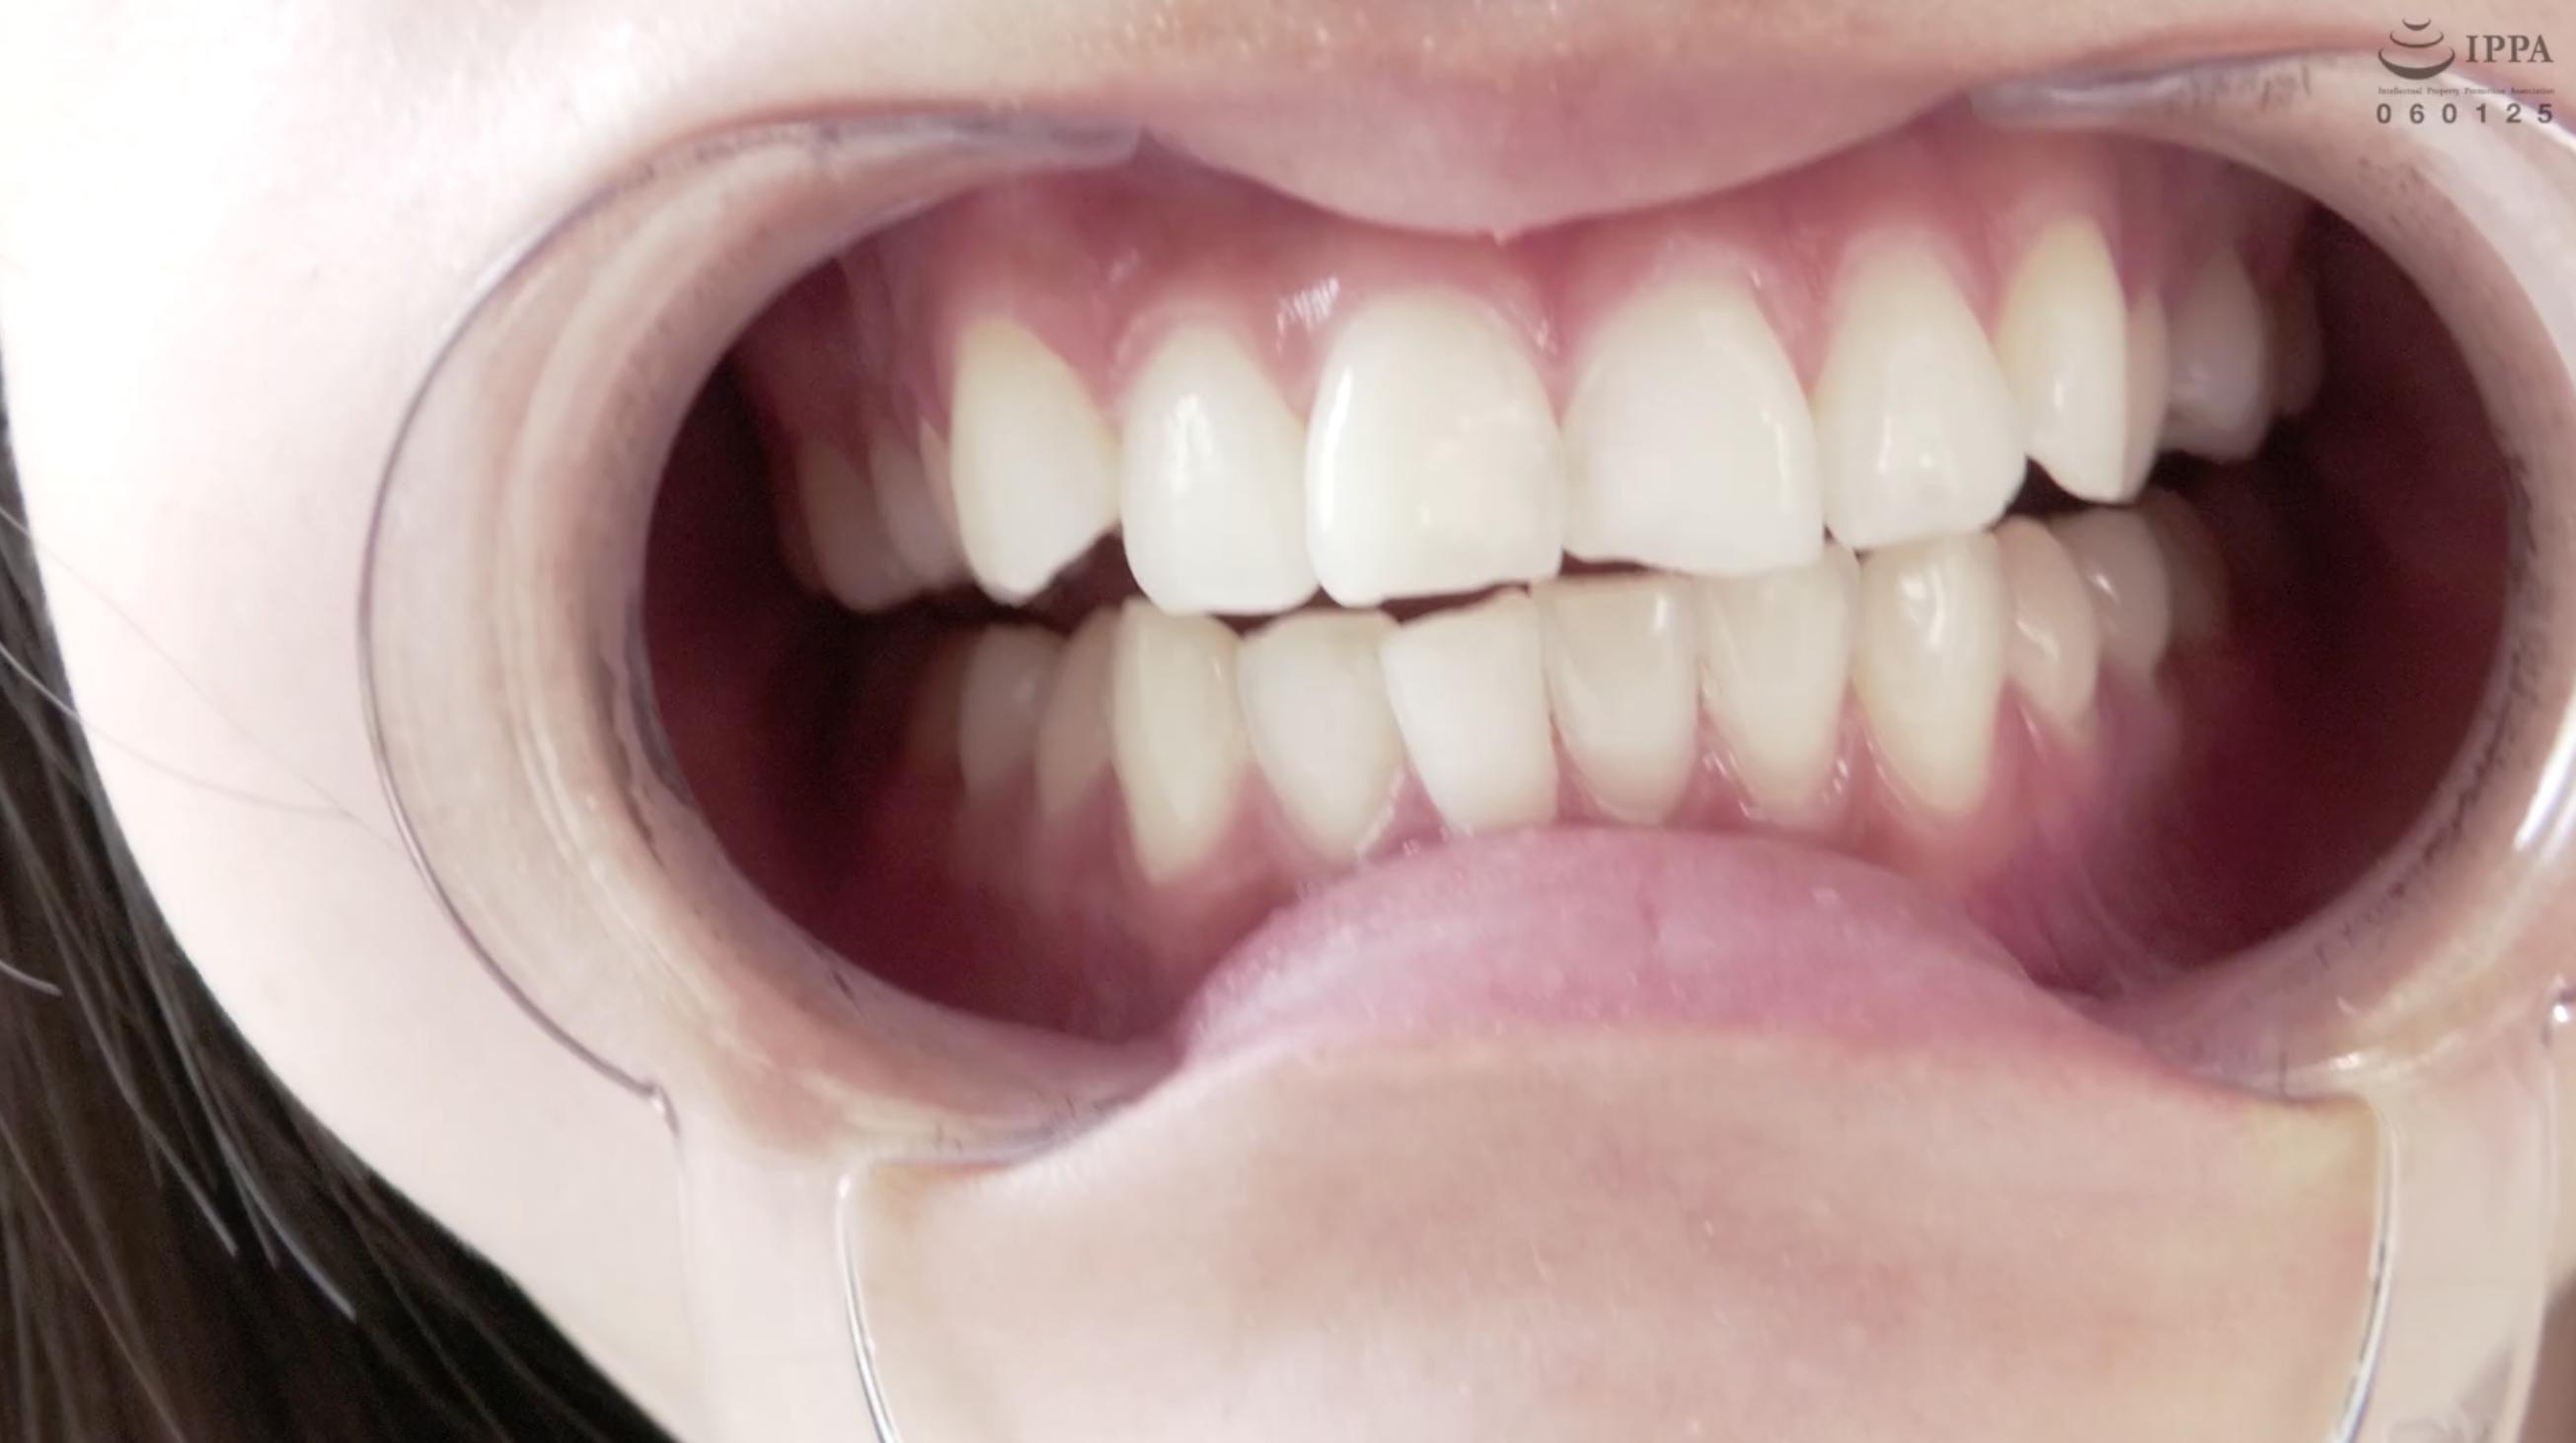 【歯・舌ベロ】素人モデル まみチャンの歯・舌ベロ観察☆(パッケージ画像)